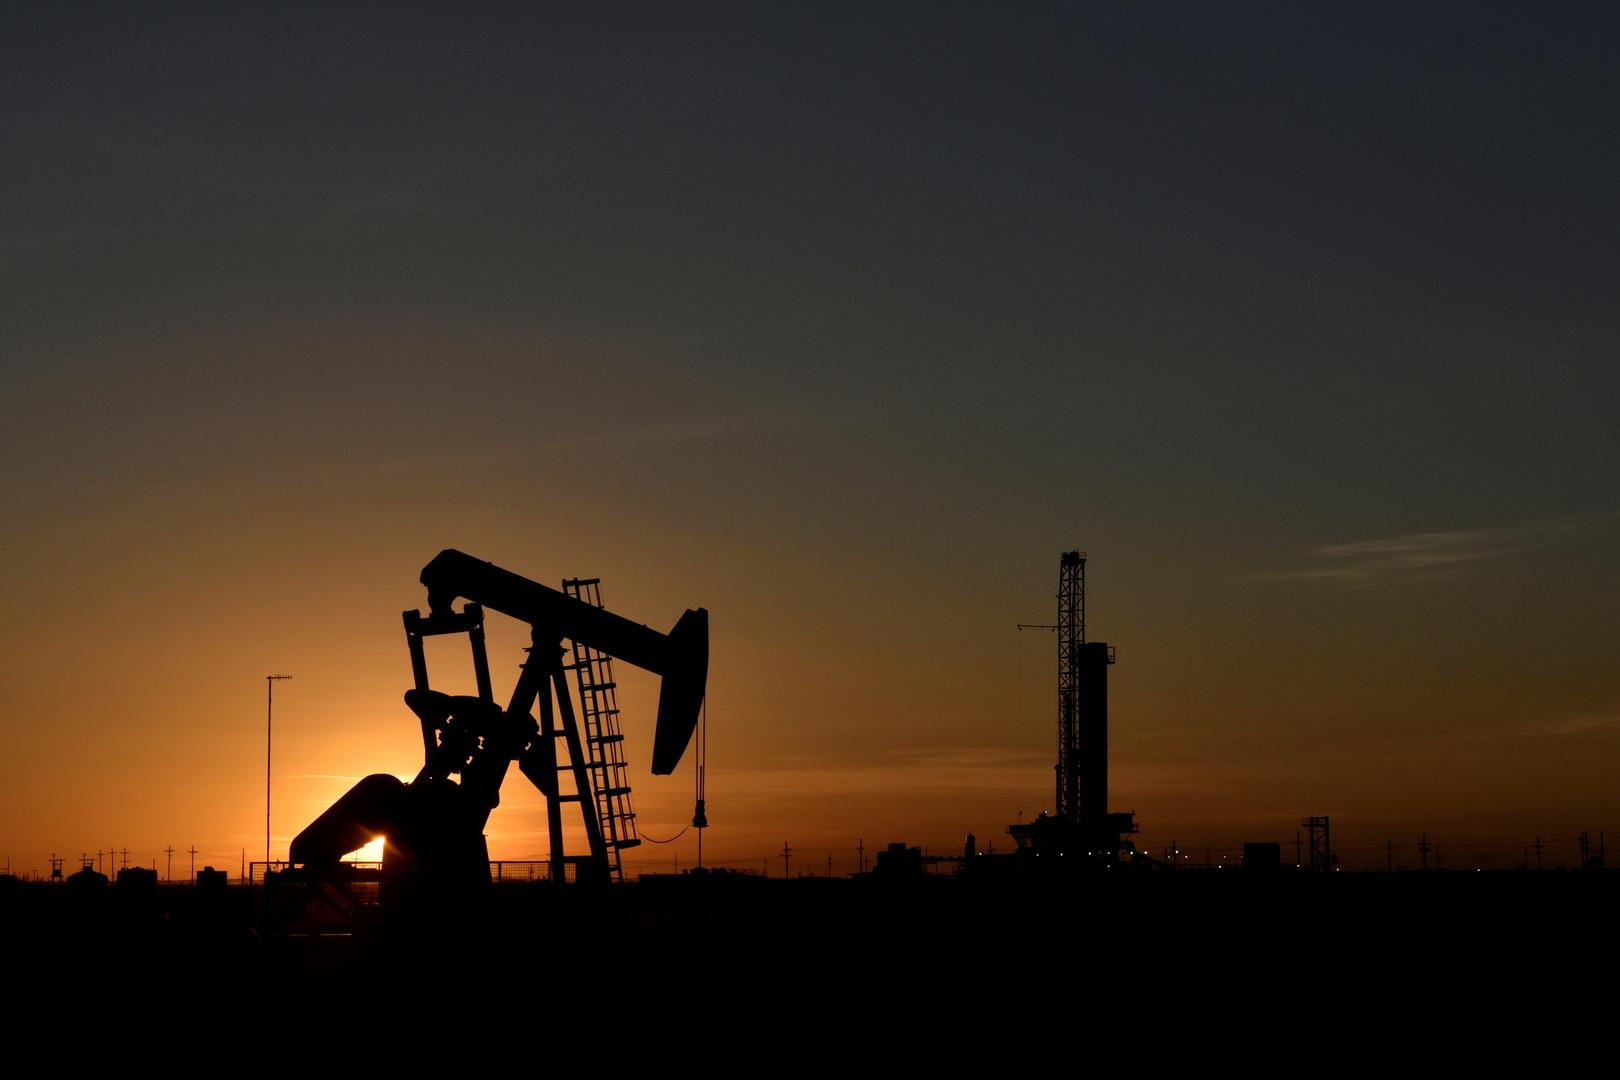 تباين أسعار النفط في ظل مخاوف من تباطؤ الطلب